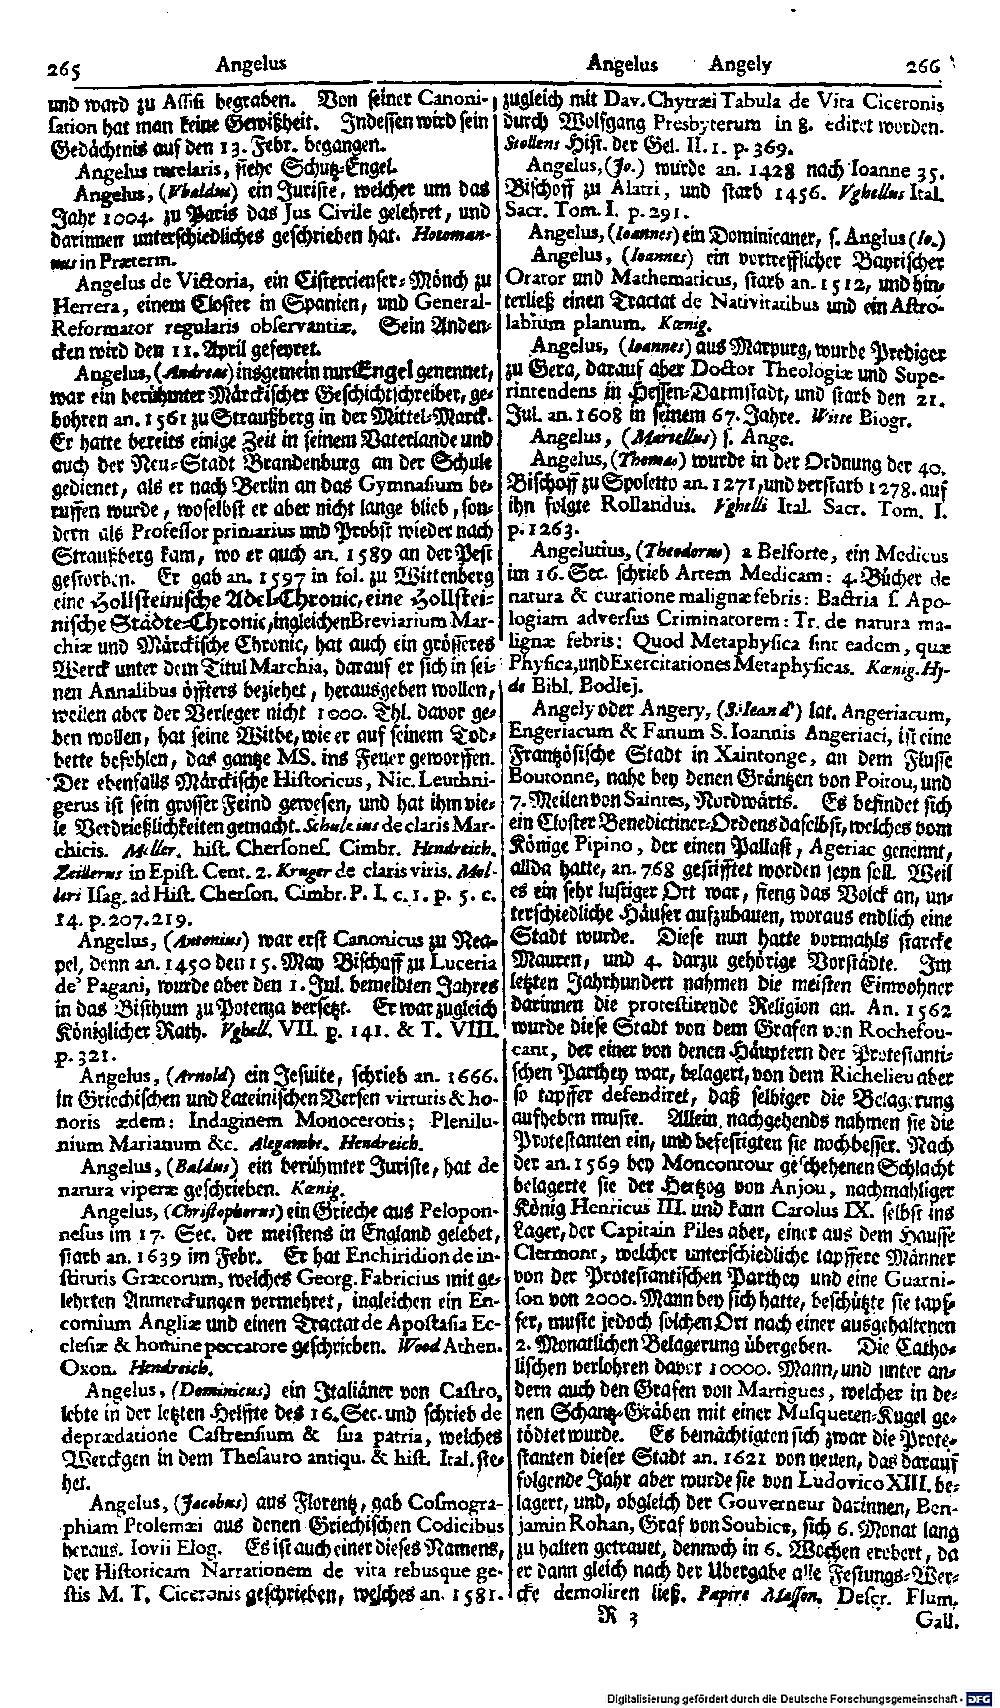 Bd. 2, Seite 0148.